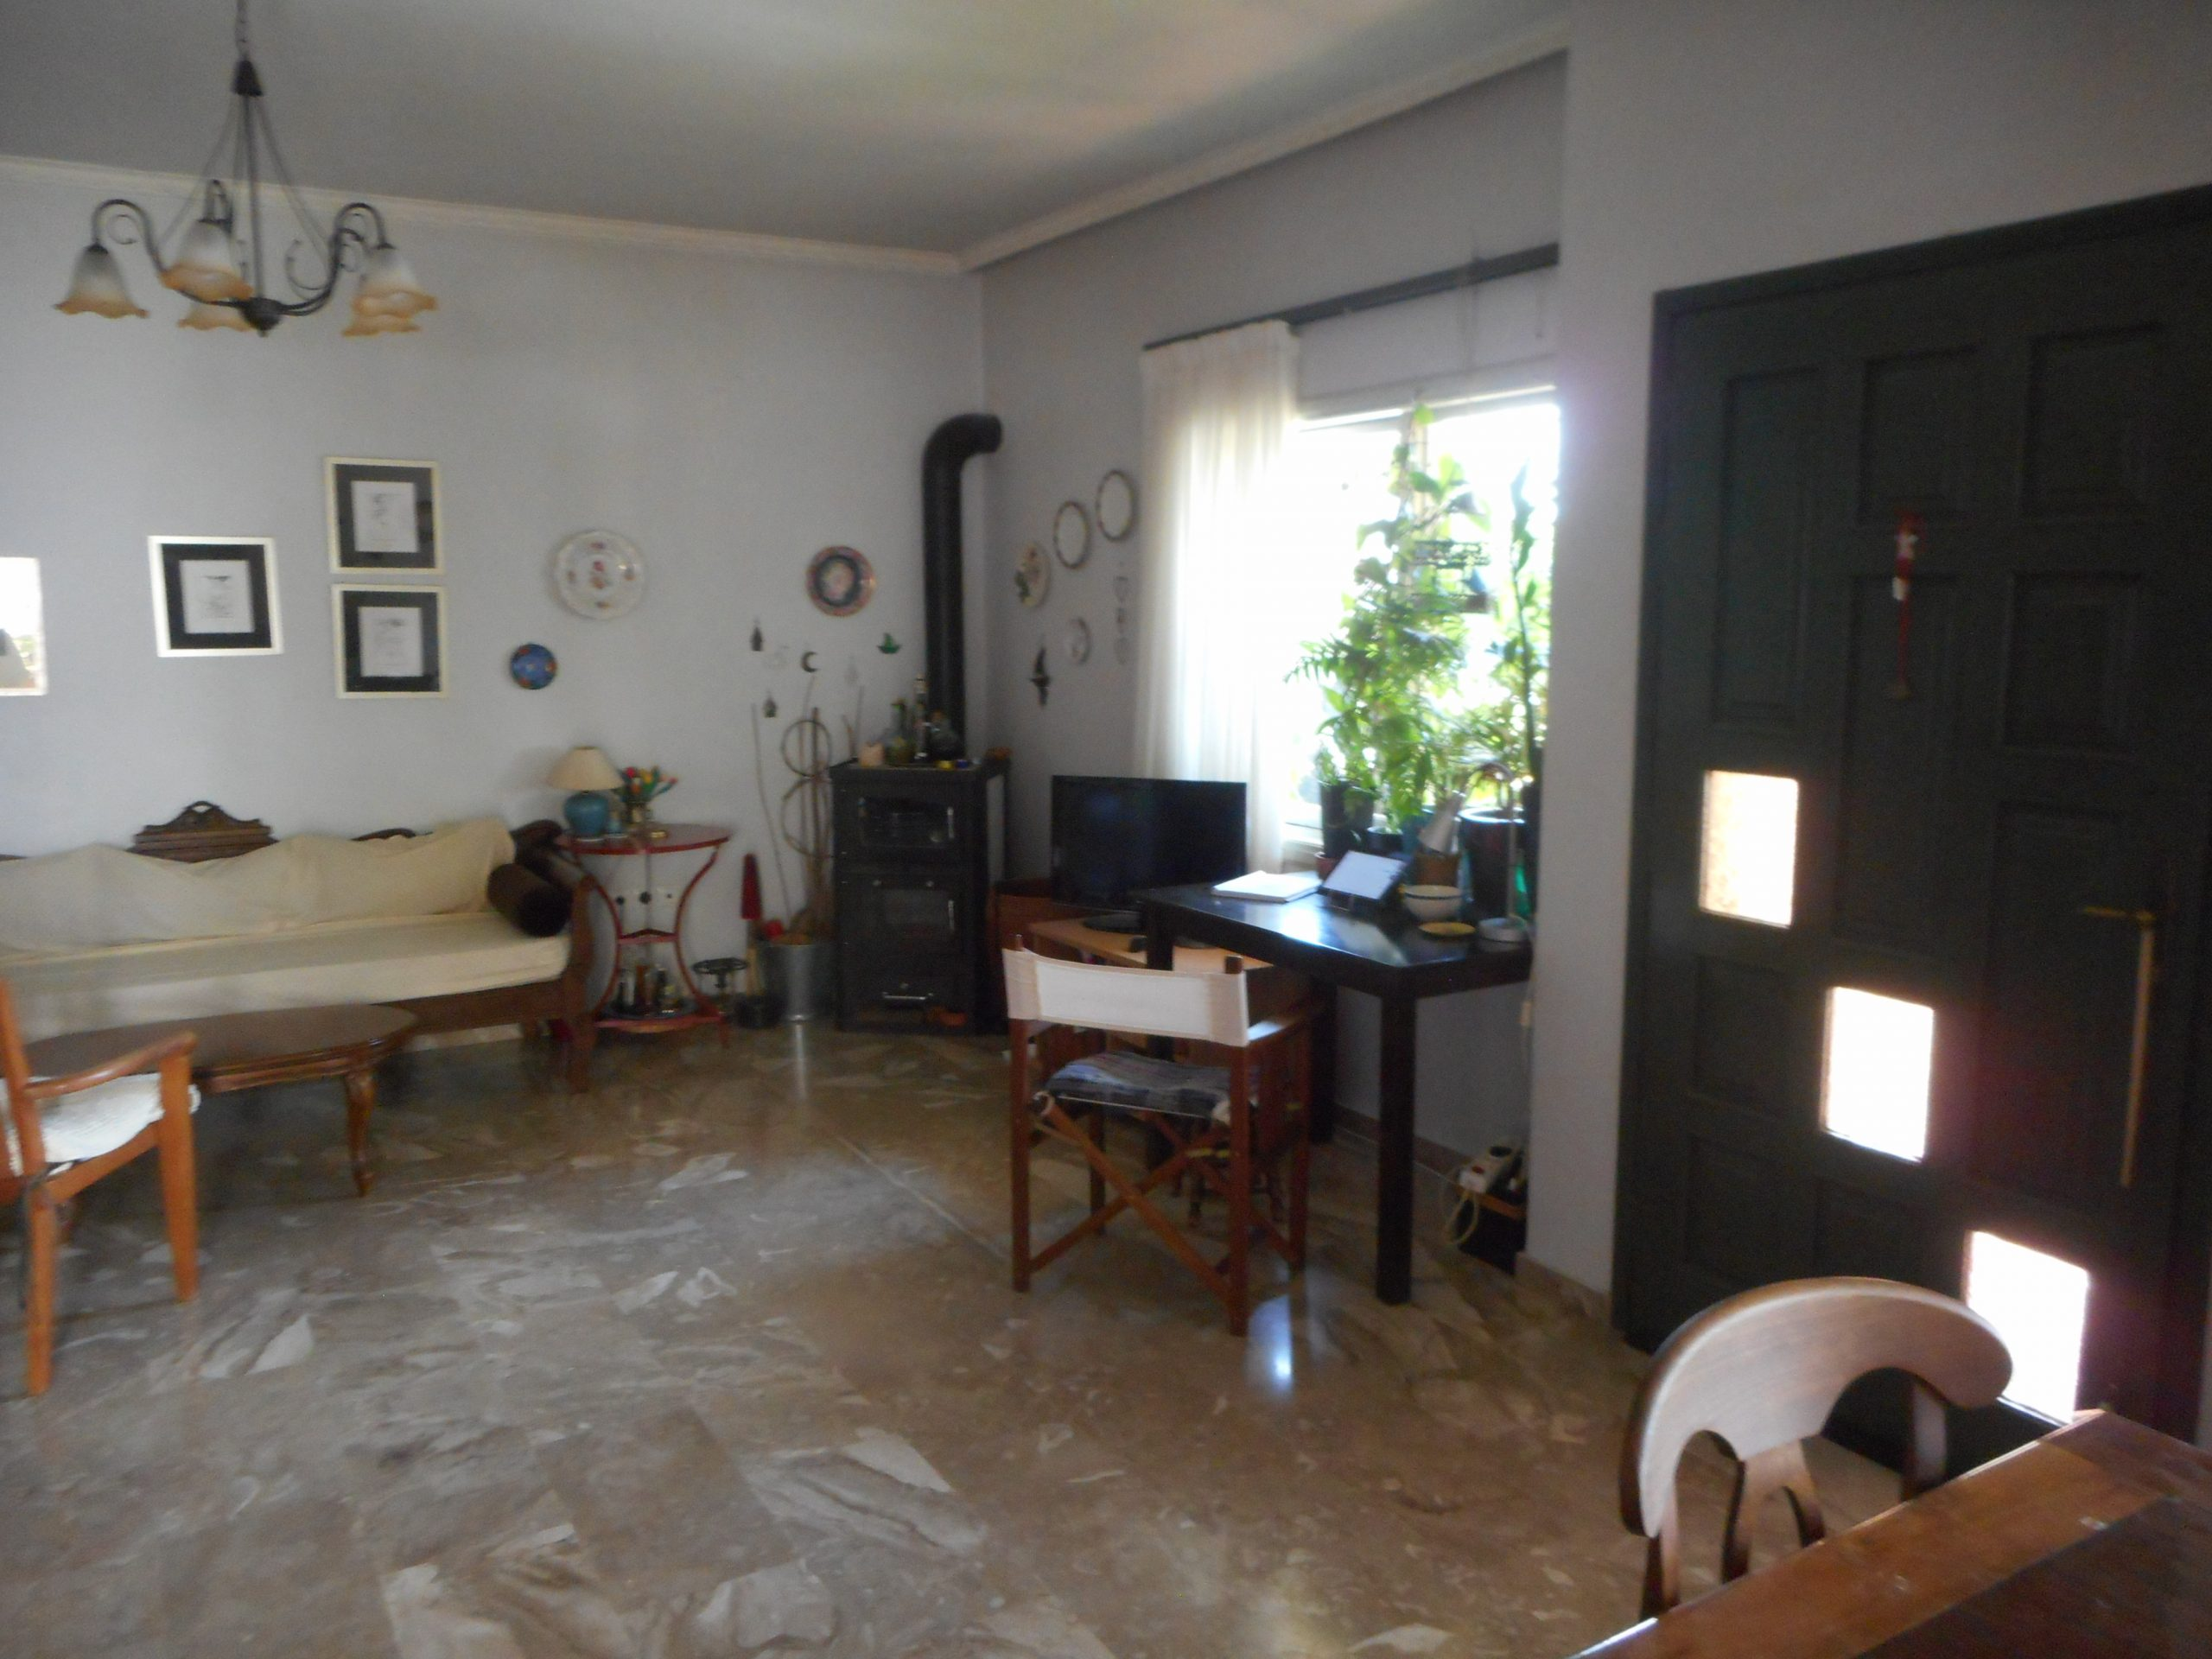 Κατοικία ισόγεια 165τ.μ. σε διπλοκατοικία σε κεντρική περιοχή κοντά σε σχολεία